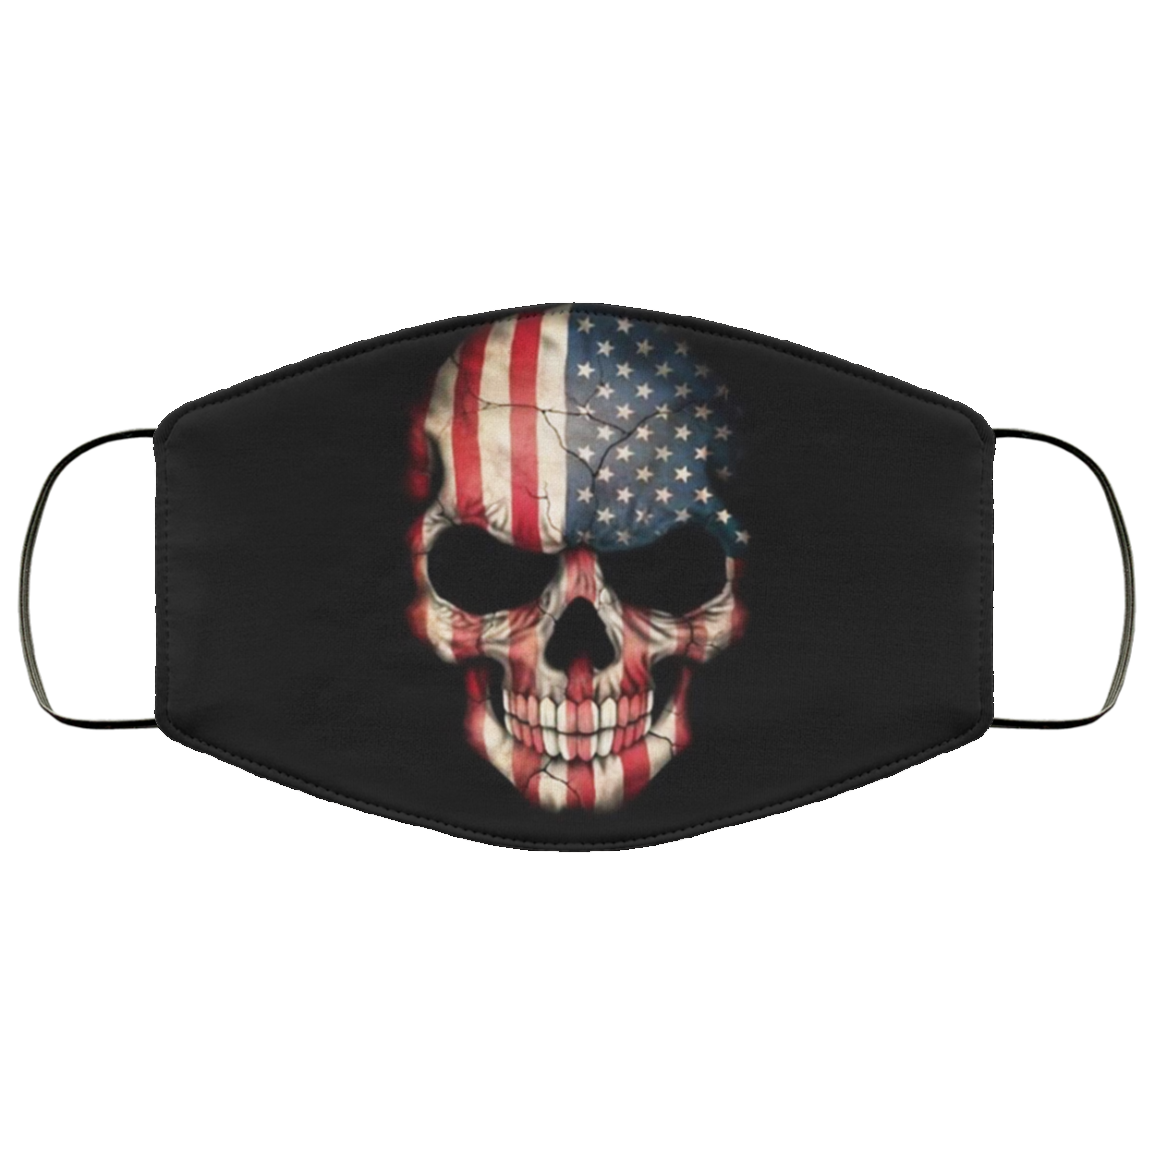 American Flag Skull Face Mask